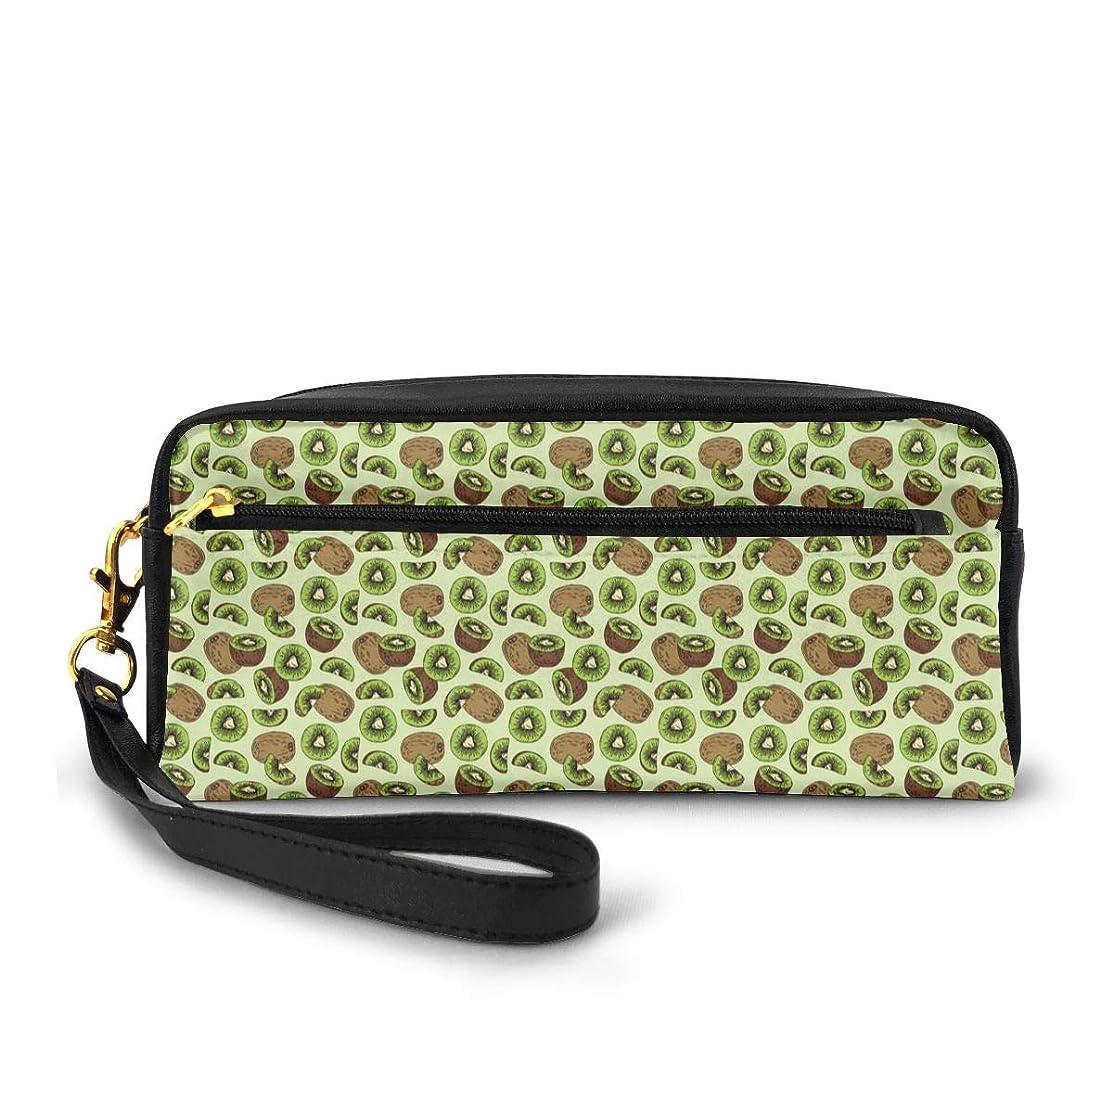 麻痺本質的にやけどキウイフルーツパターン 化粧品収納バッグ ウォッシュバッグ ハンドバッグ 化粧品袋 耐久性のある 筆箱 トラベルバッグ カラフルなス ポータブル スキンケア製品収納袋